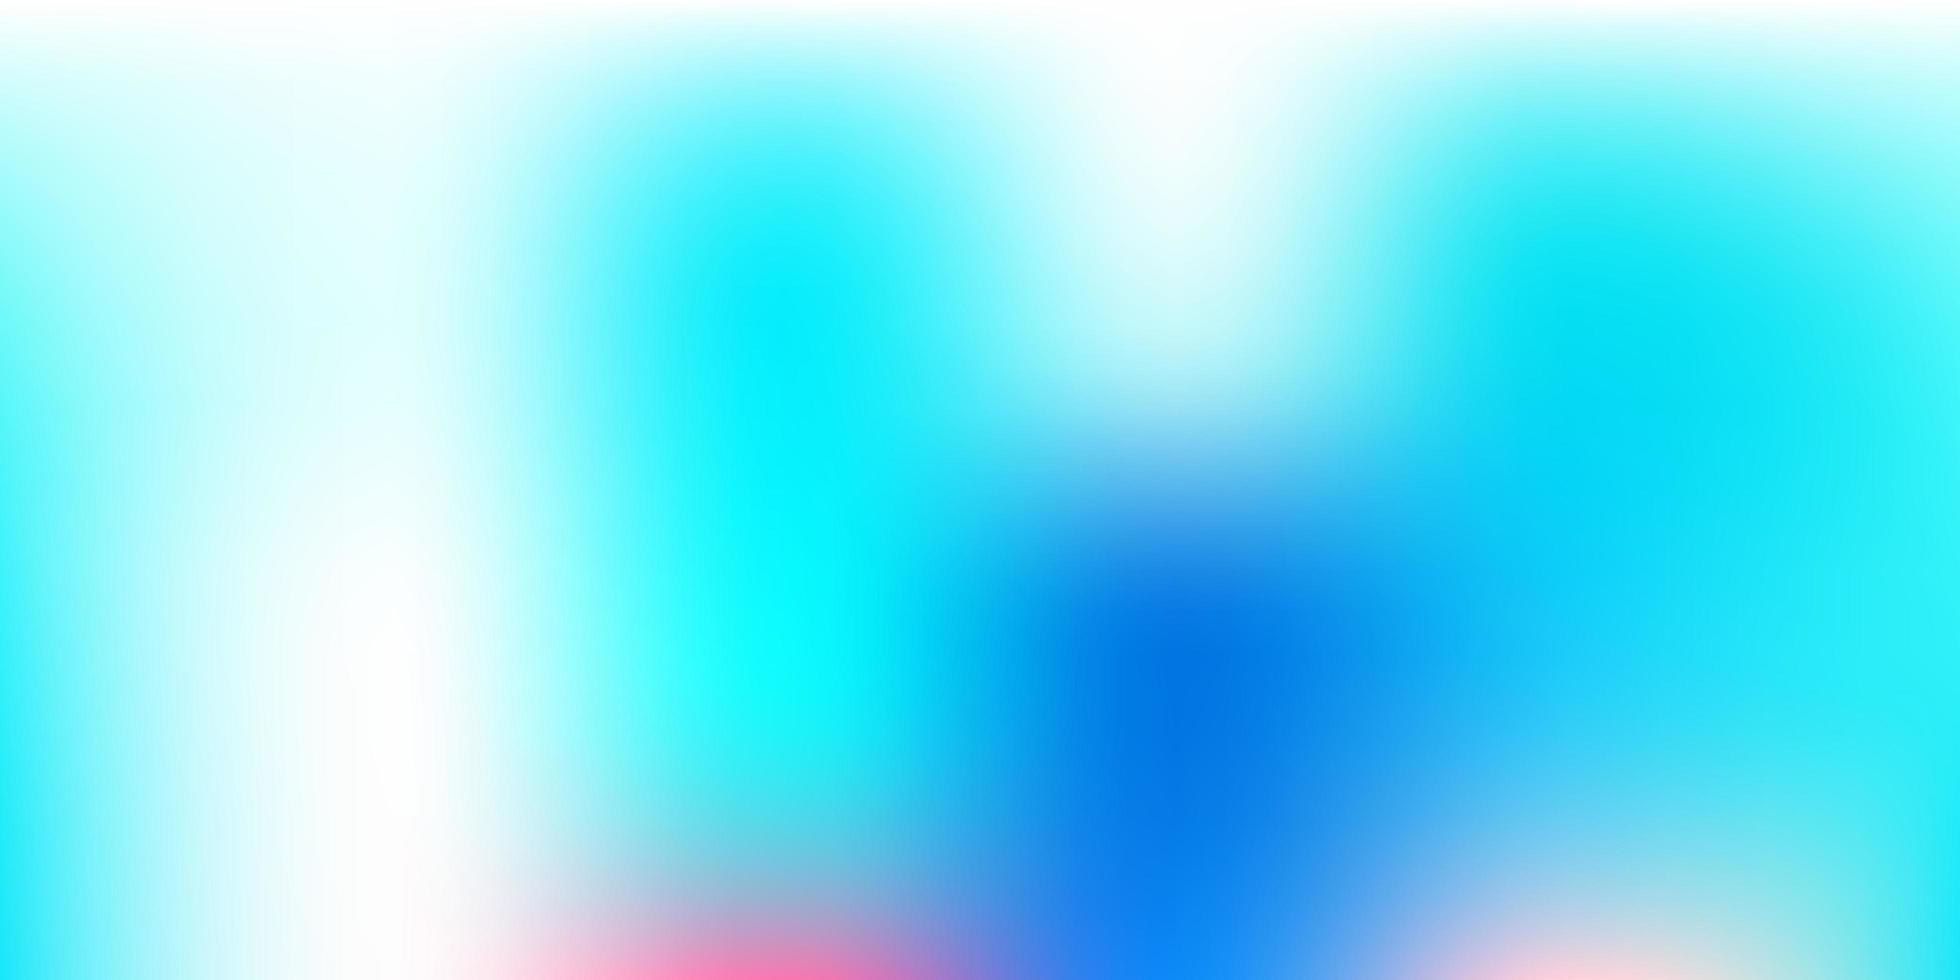 motif de flou de vecteur bleu foncé, rouge.